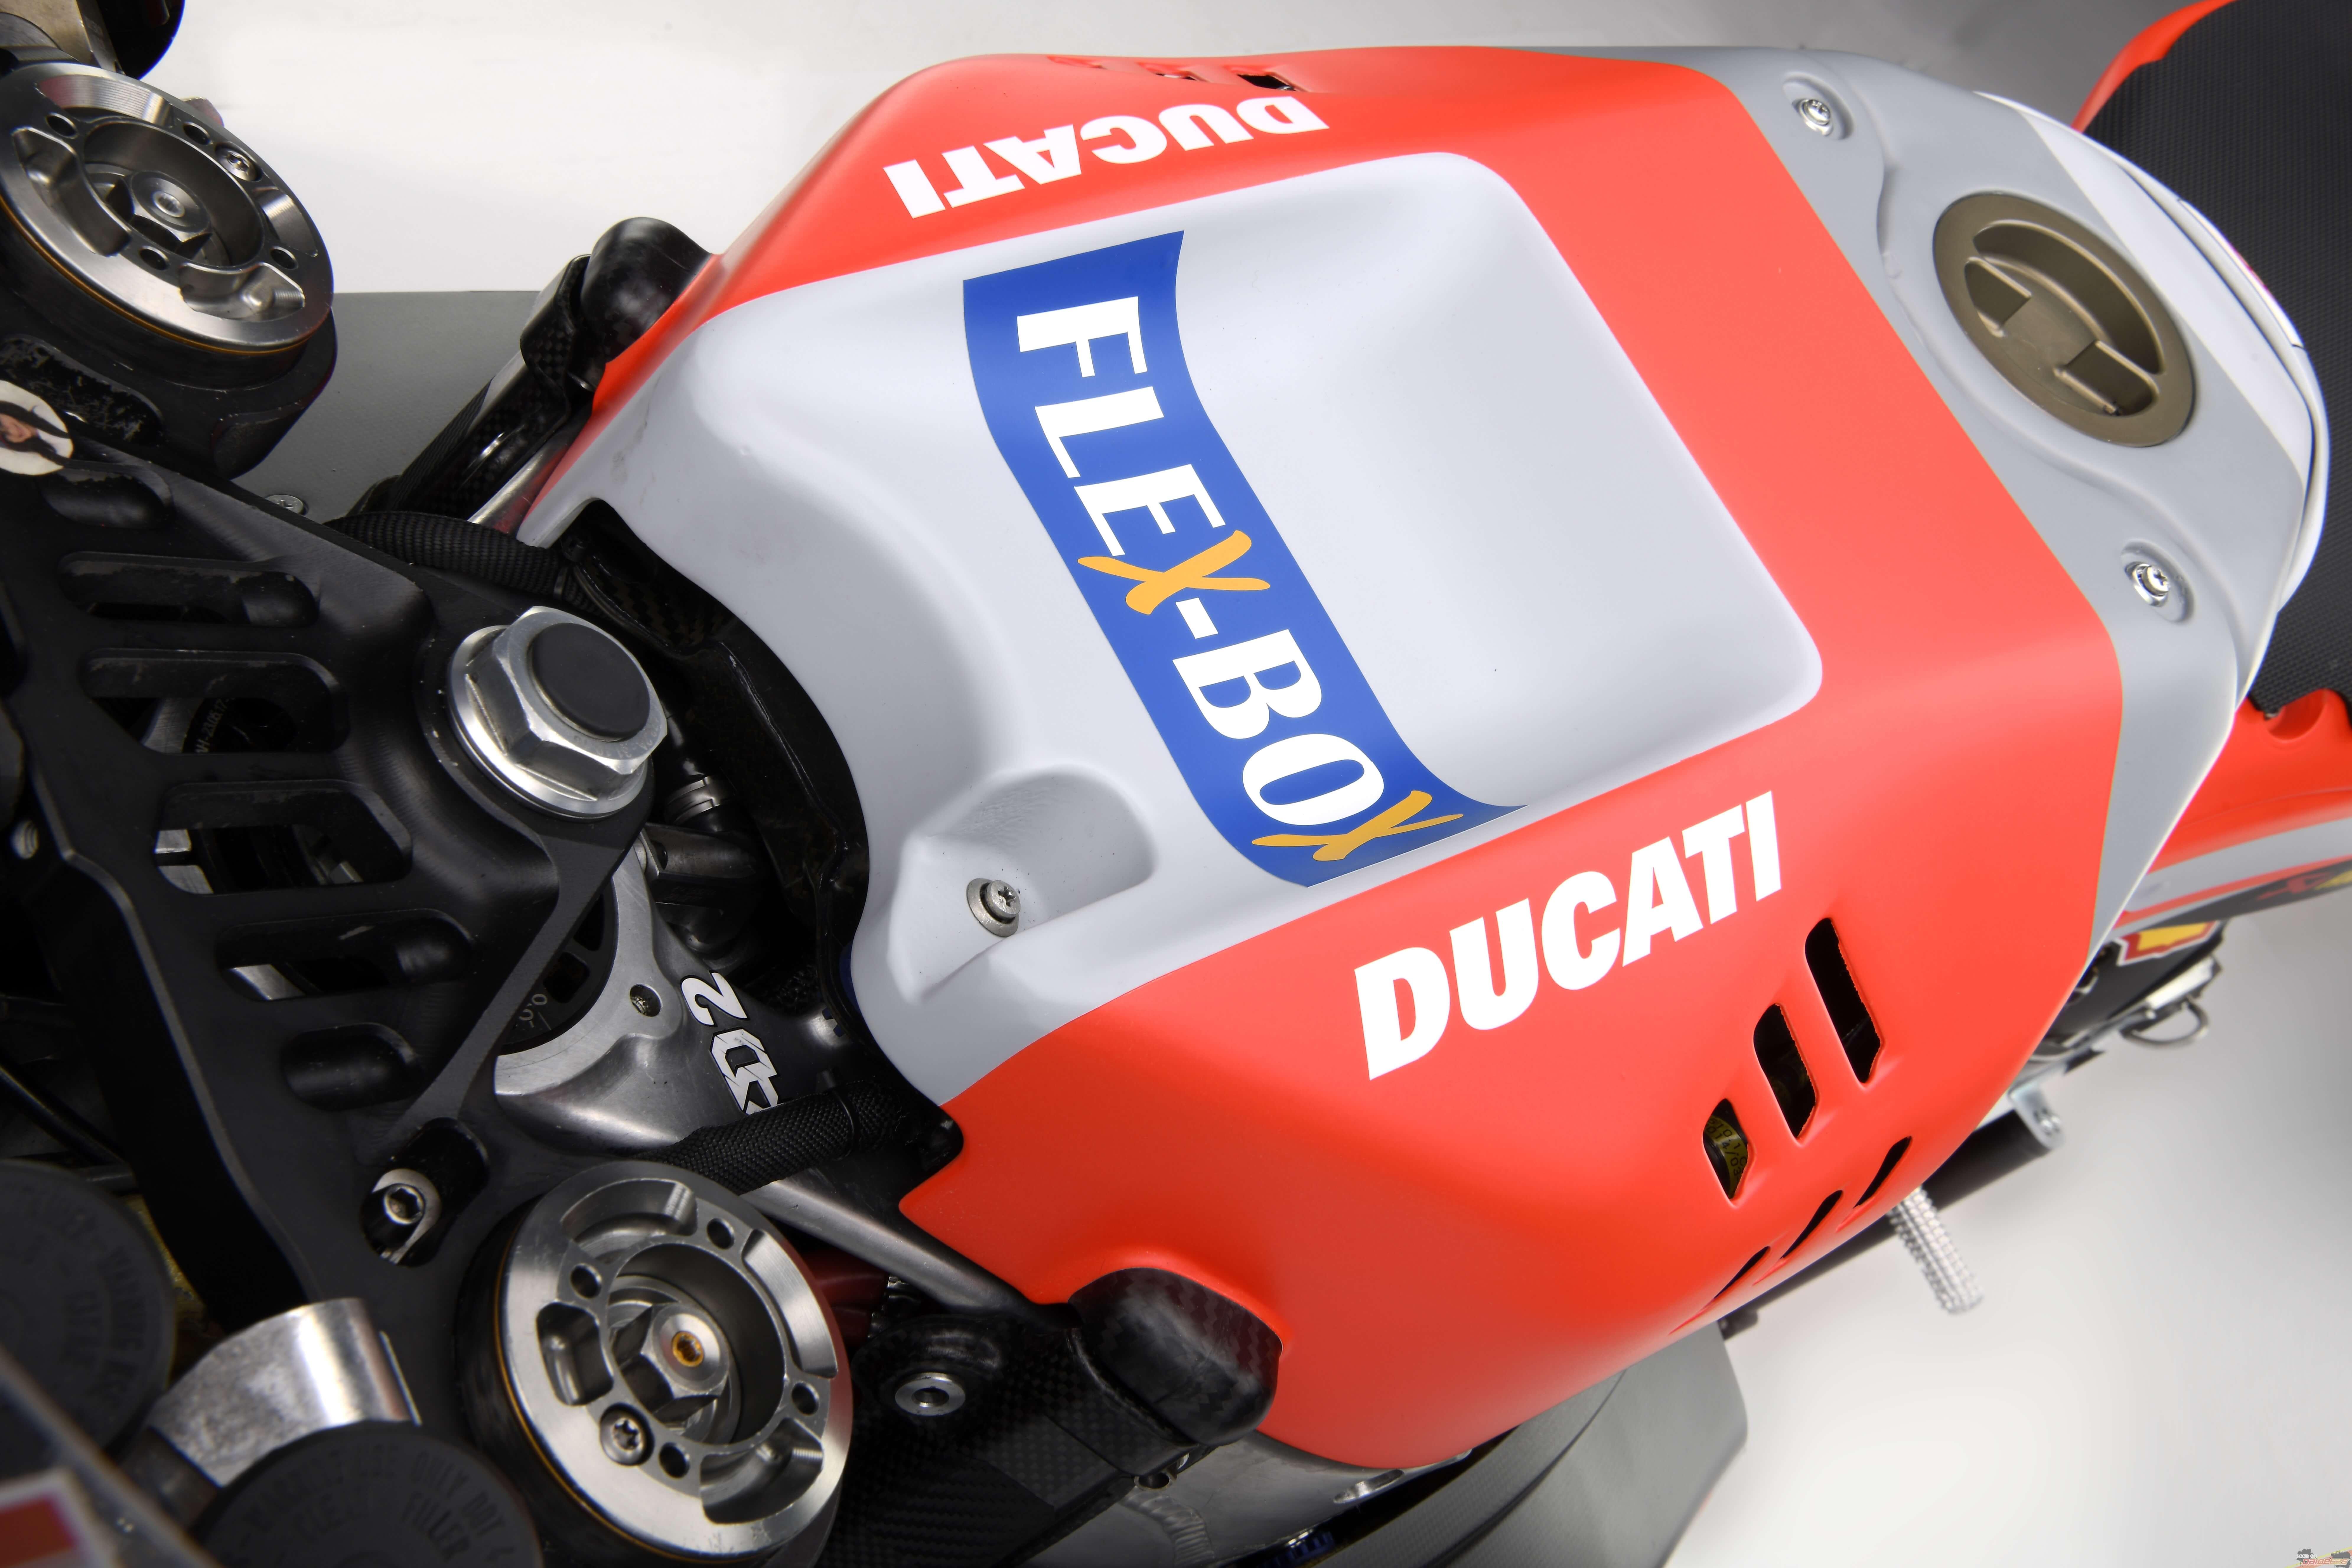 Wallpaper Ducati GP18 MotoGP 2018 HD - Pertamax7.com